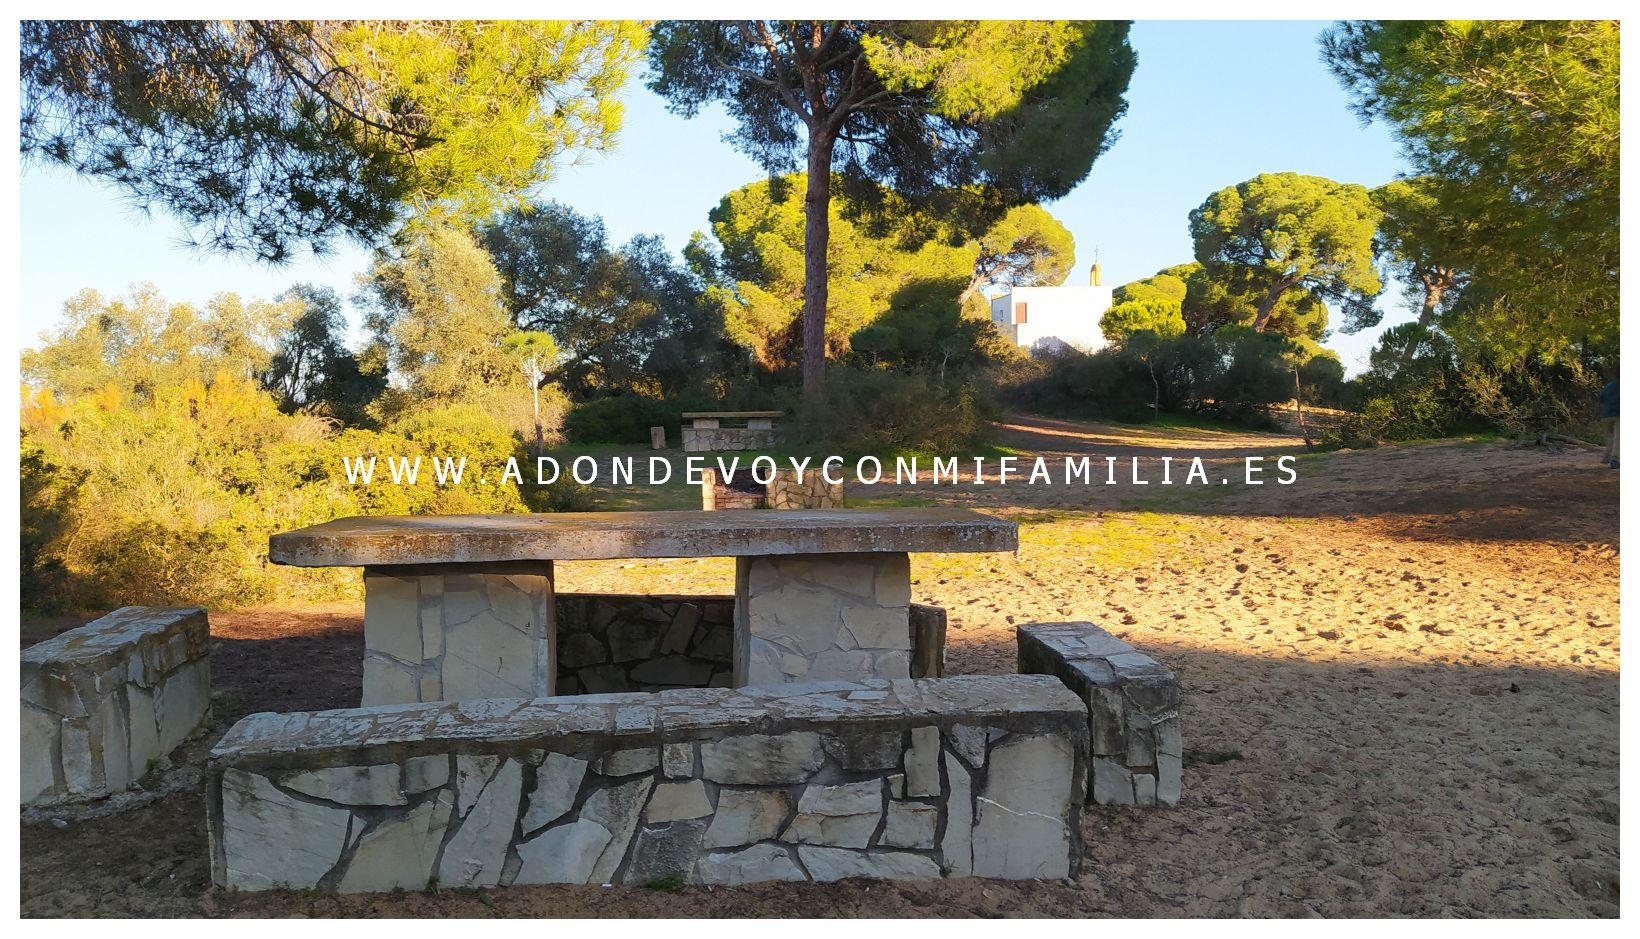 area-recreativa-la-ermita-adondevoyconmifamilia-14